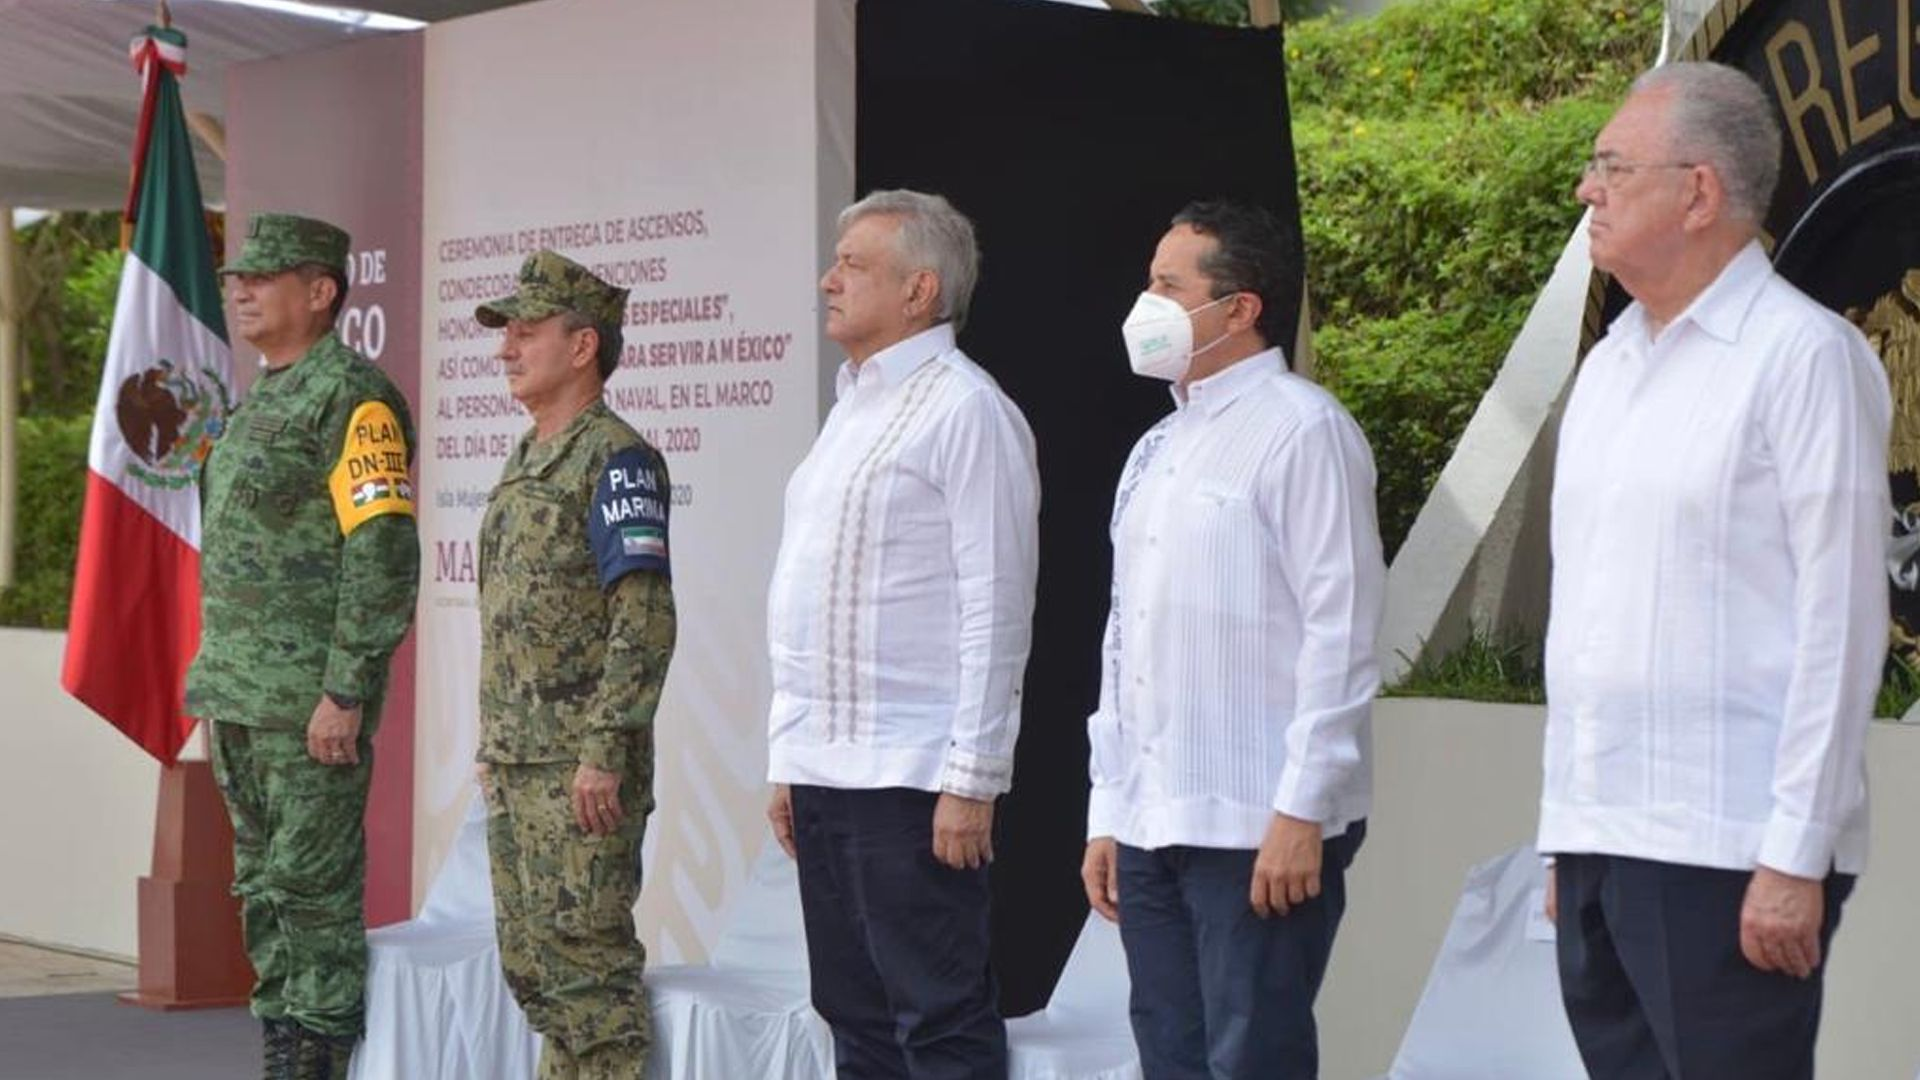 amlo - lopez obrador - mexique - 0602020 - quintana roo